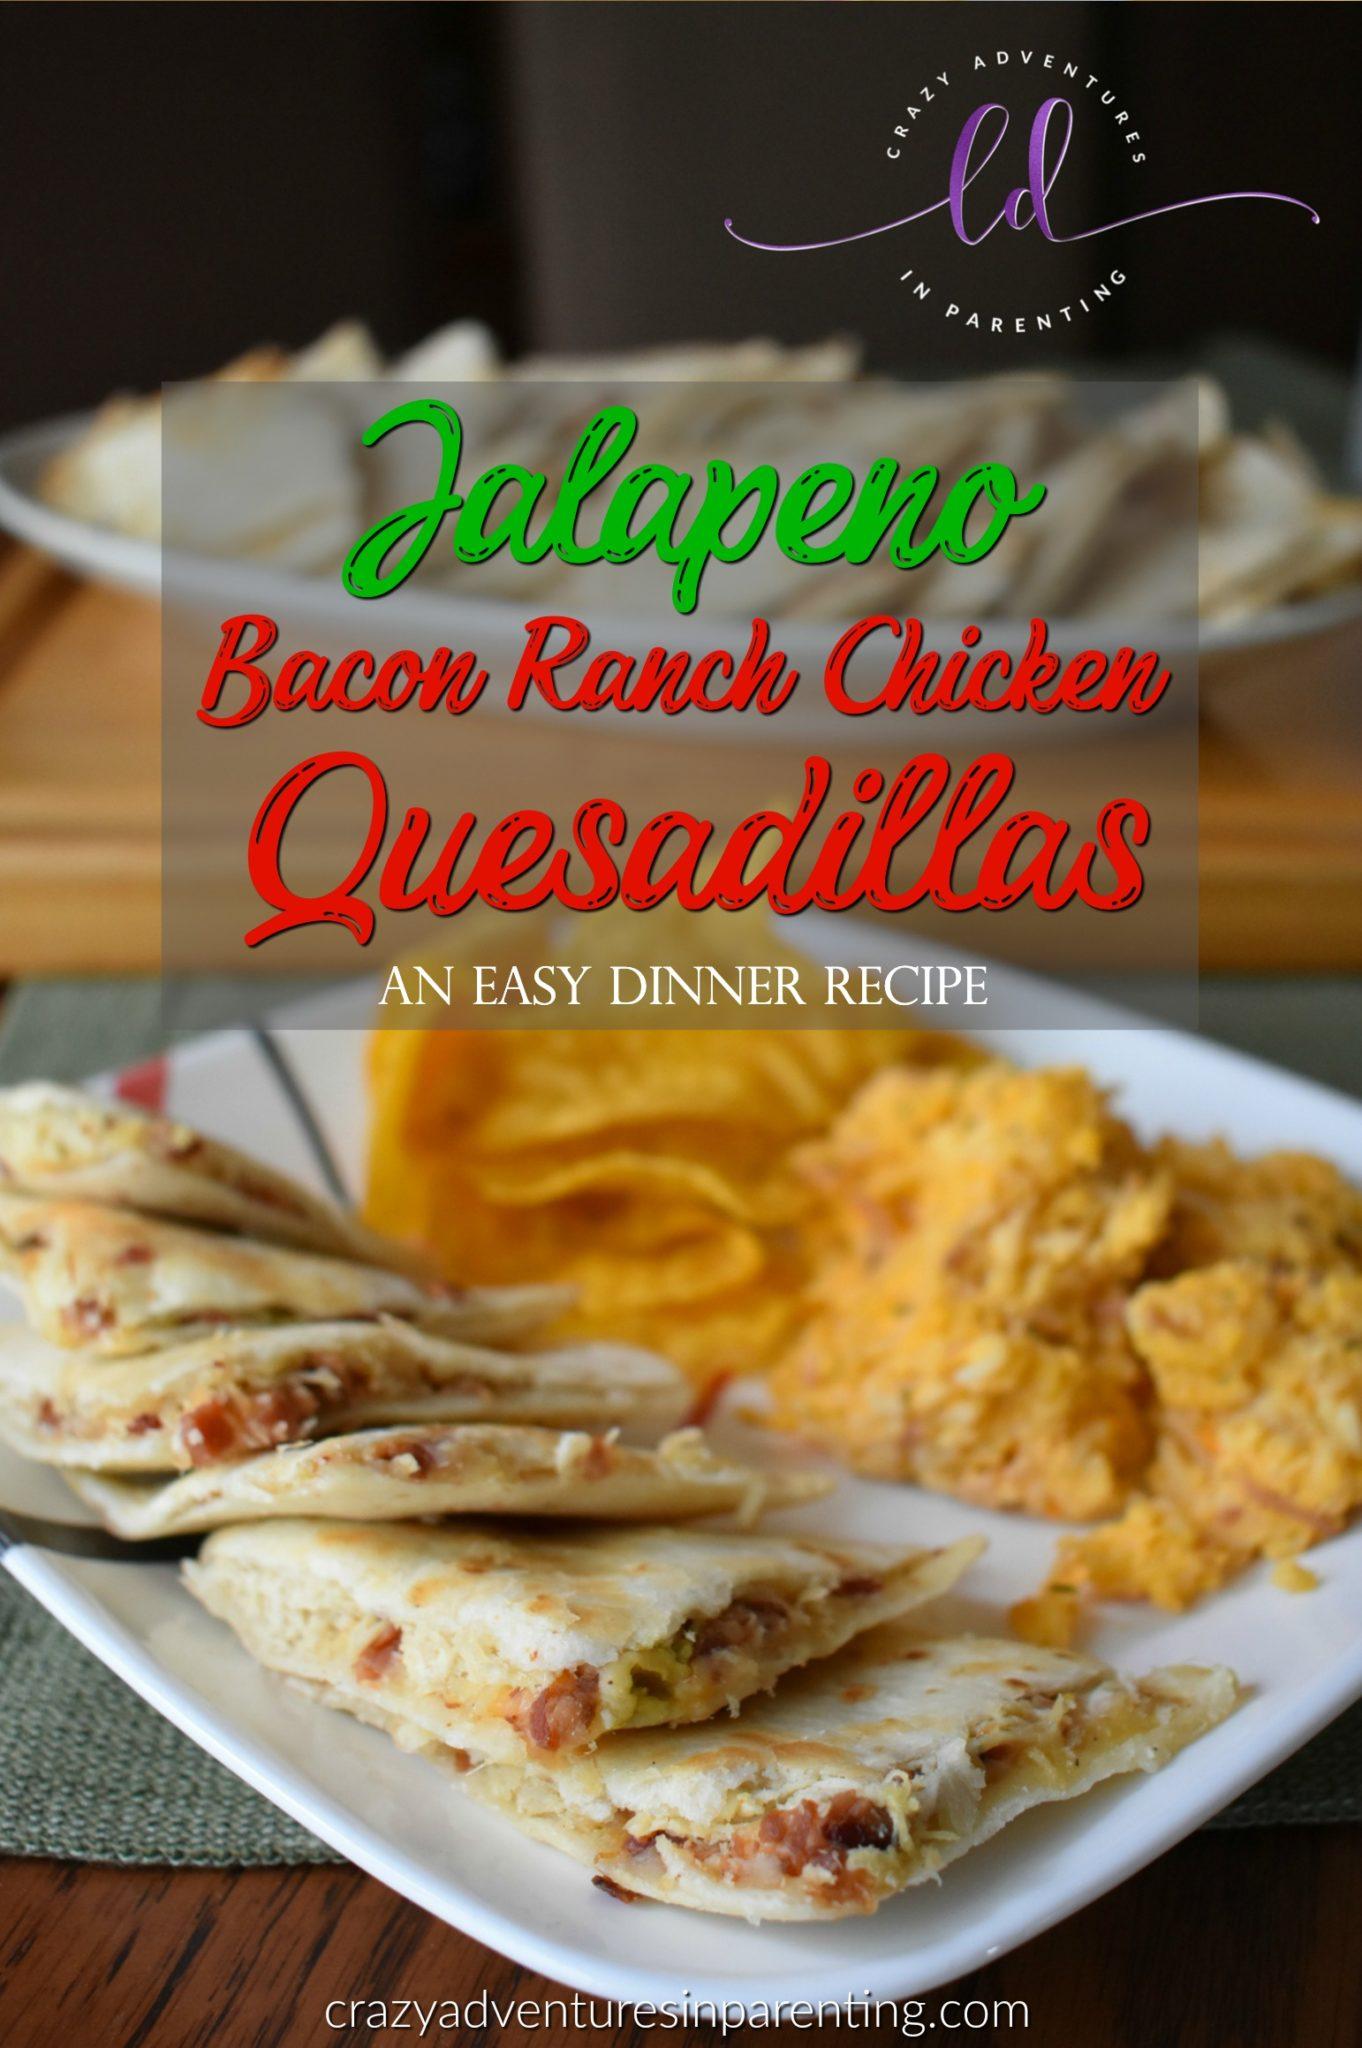 Jalapeño Bacon Ranch Chicken Quesadillas Recipe